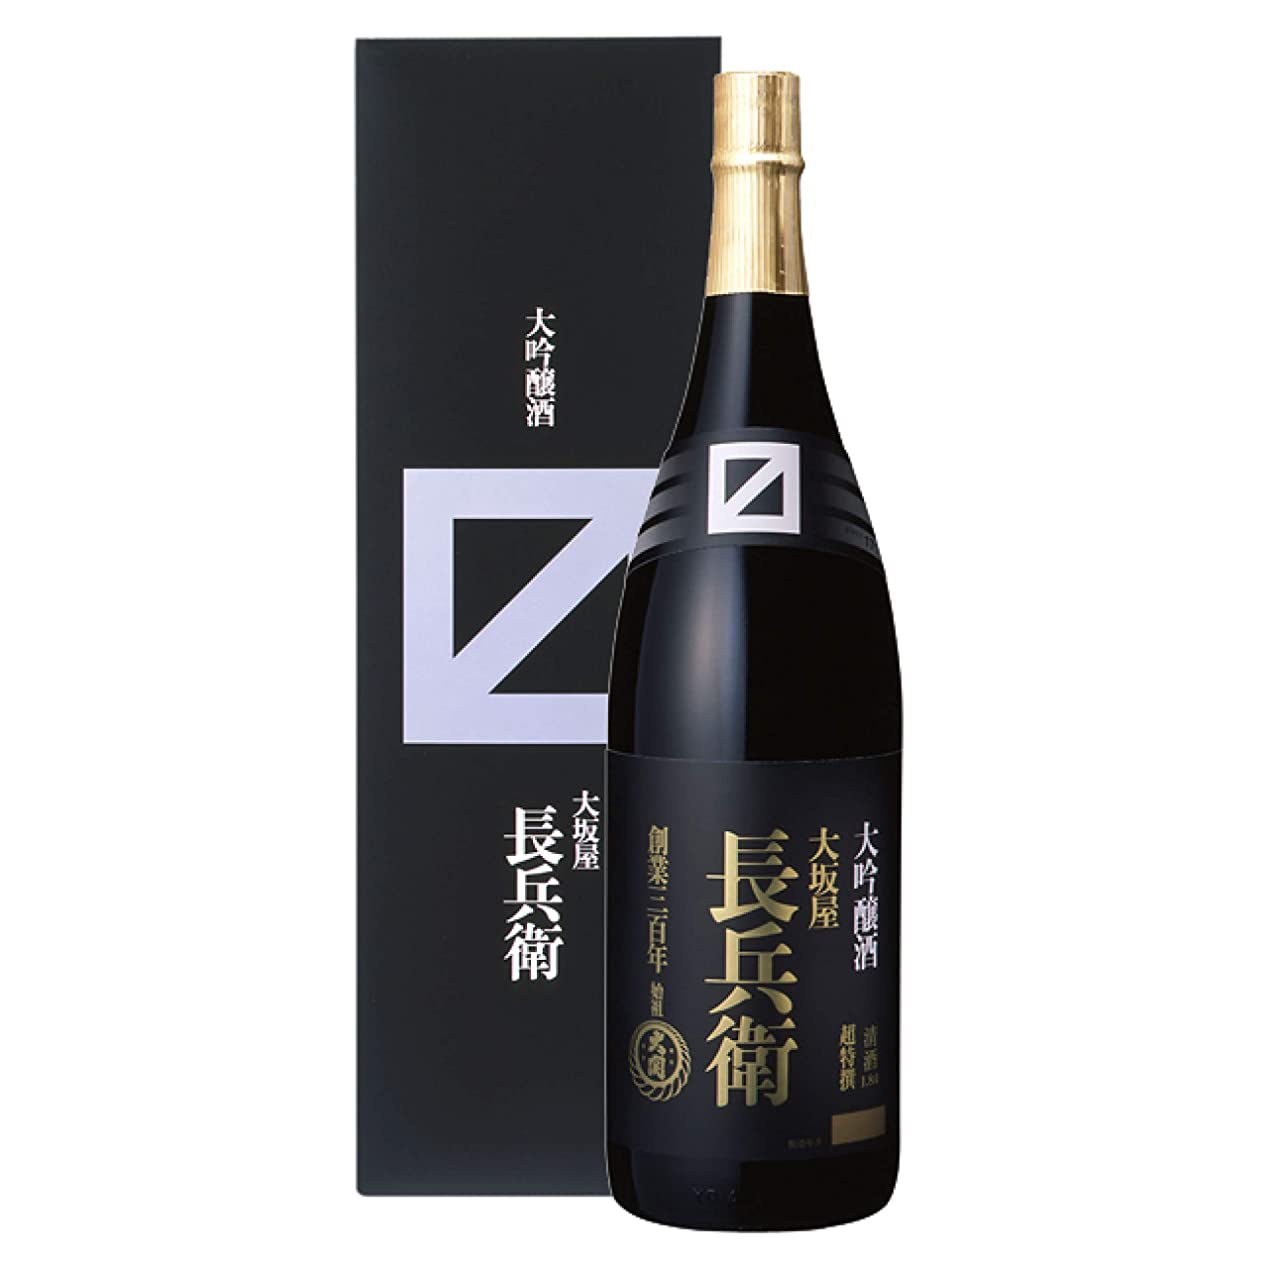 ビーチトランジスタ保証する手取川 吟醸生あらばしり 1.8L(大吟醸規格酒)